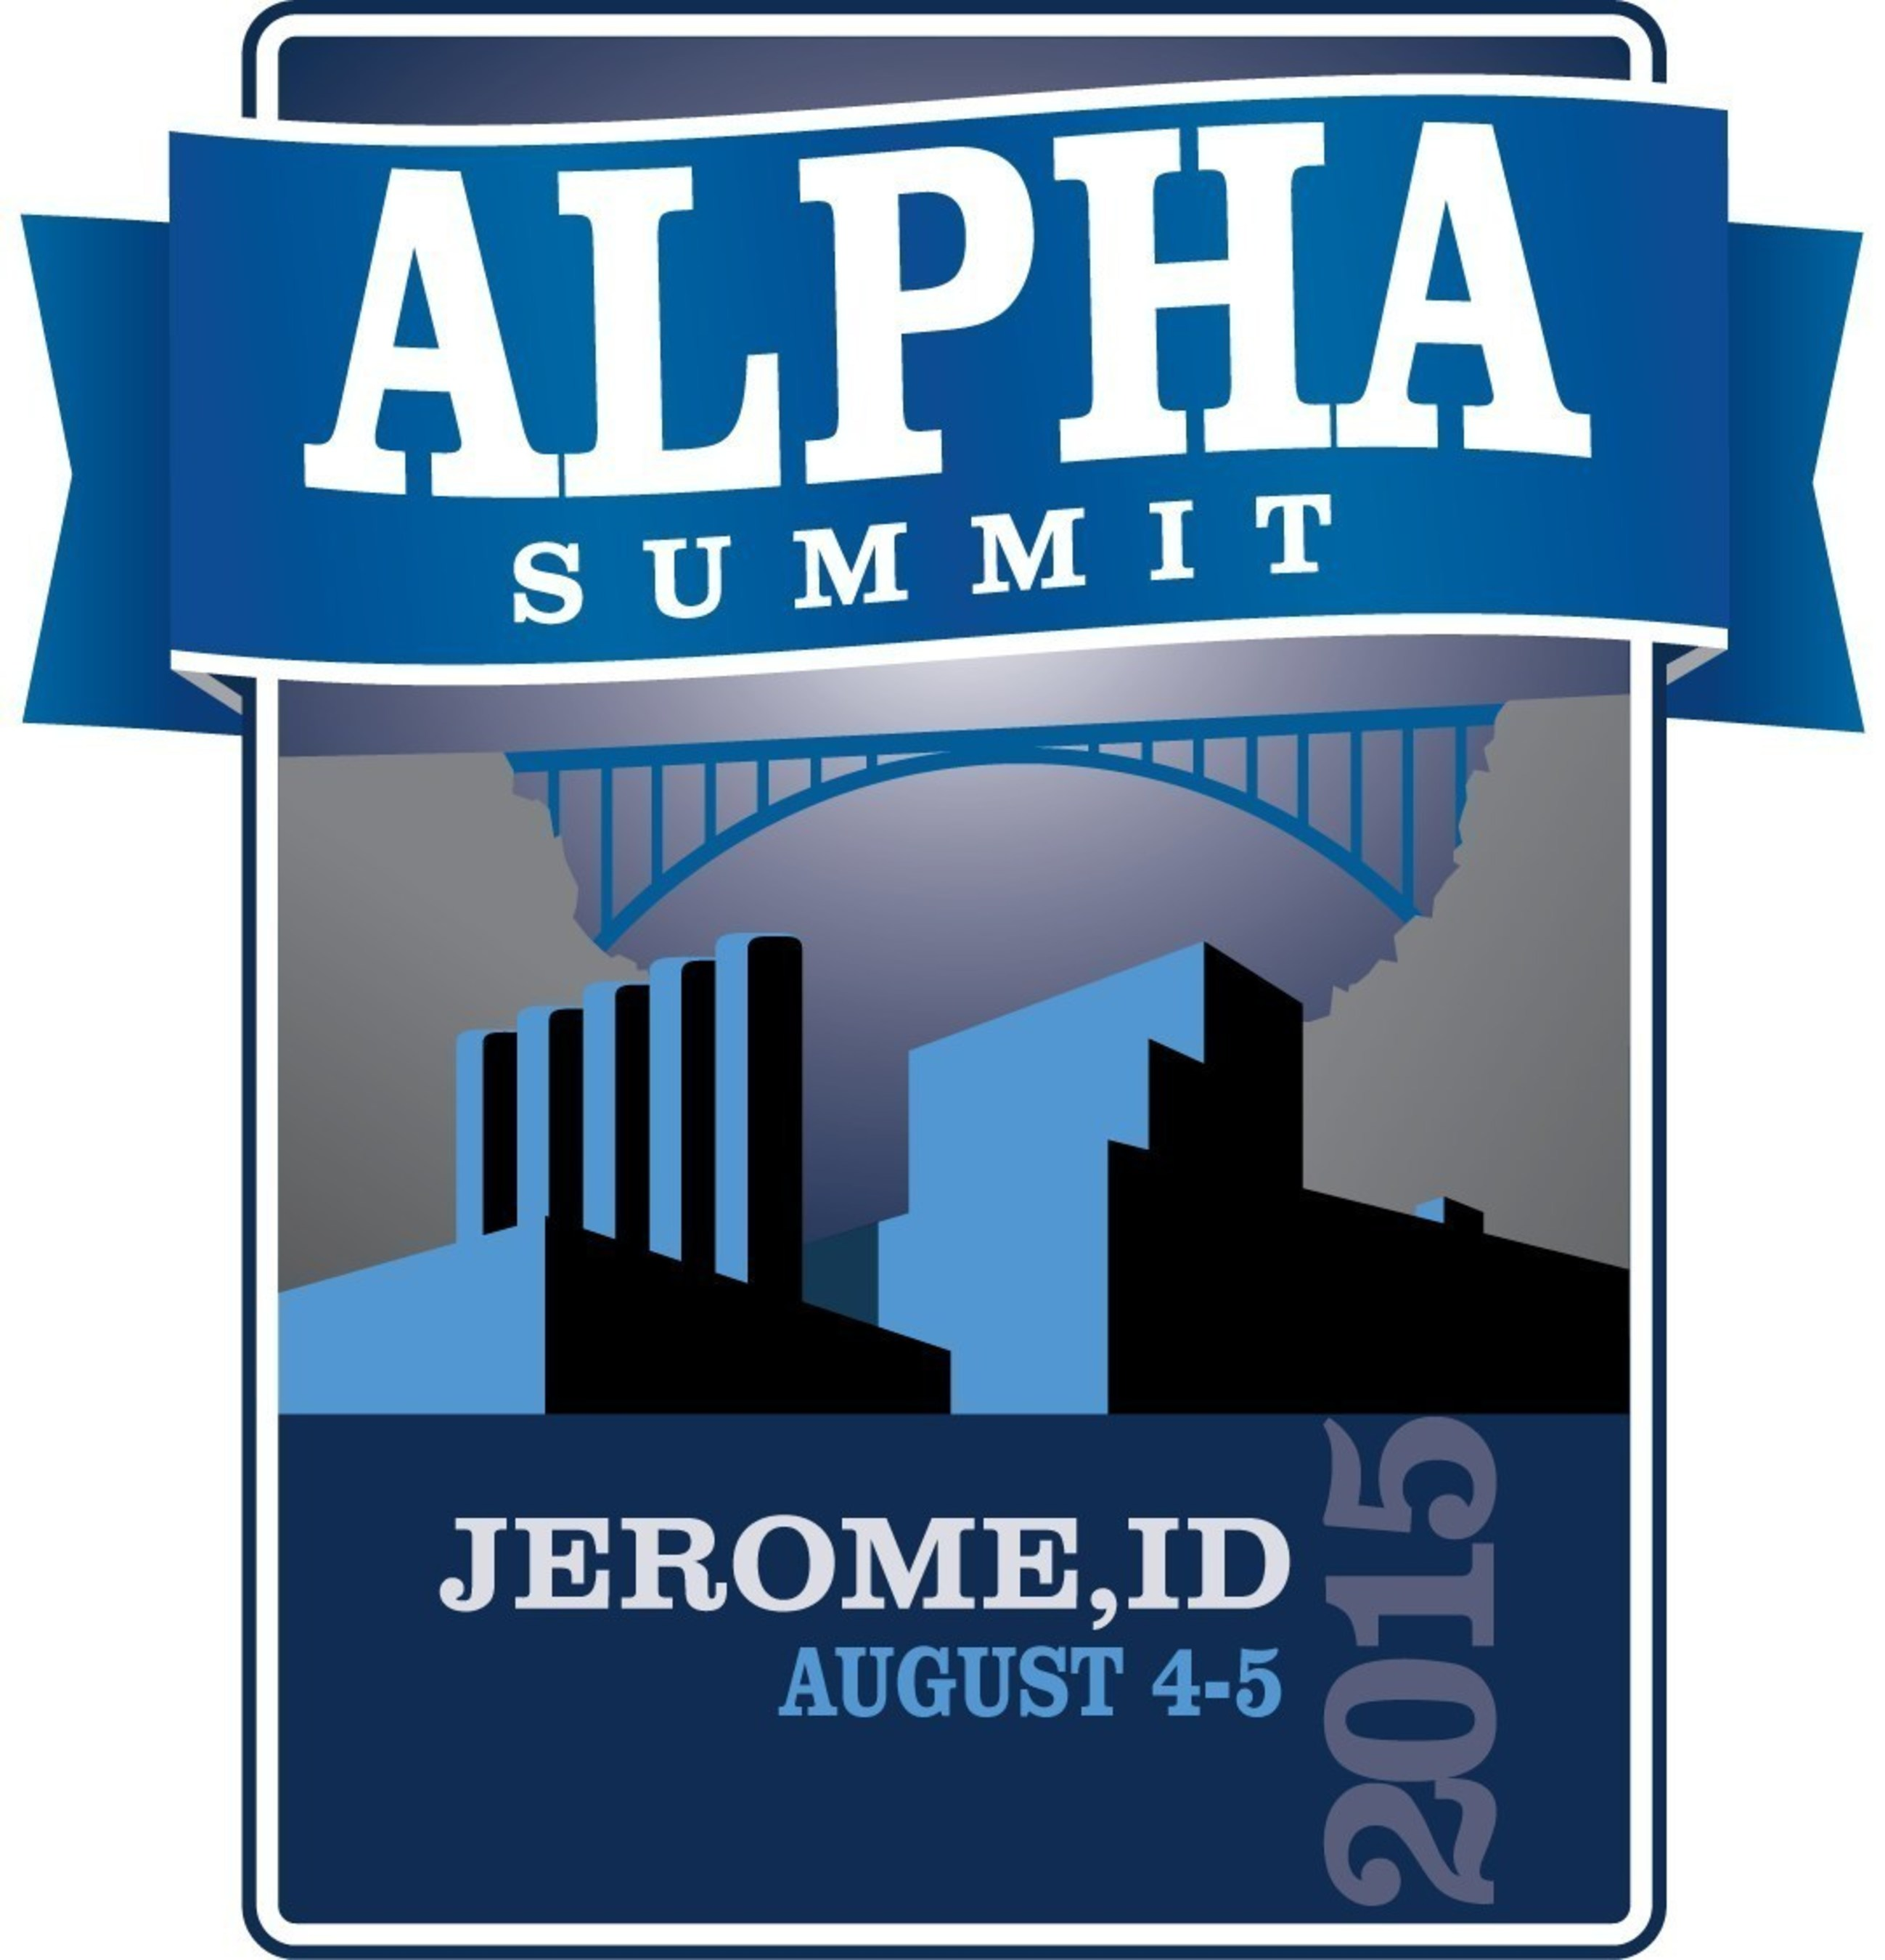 Davisco verkündet Alpha Summit 2015